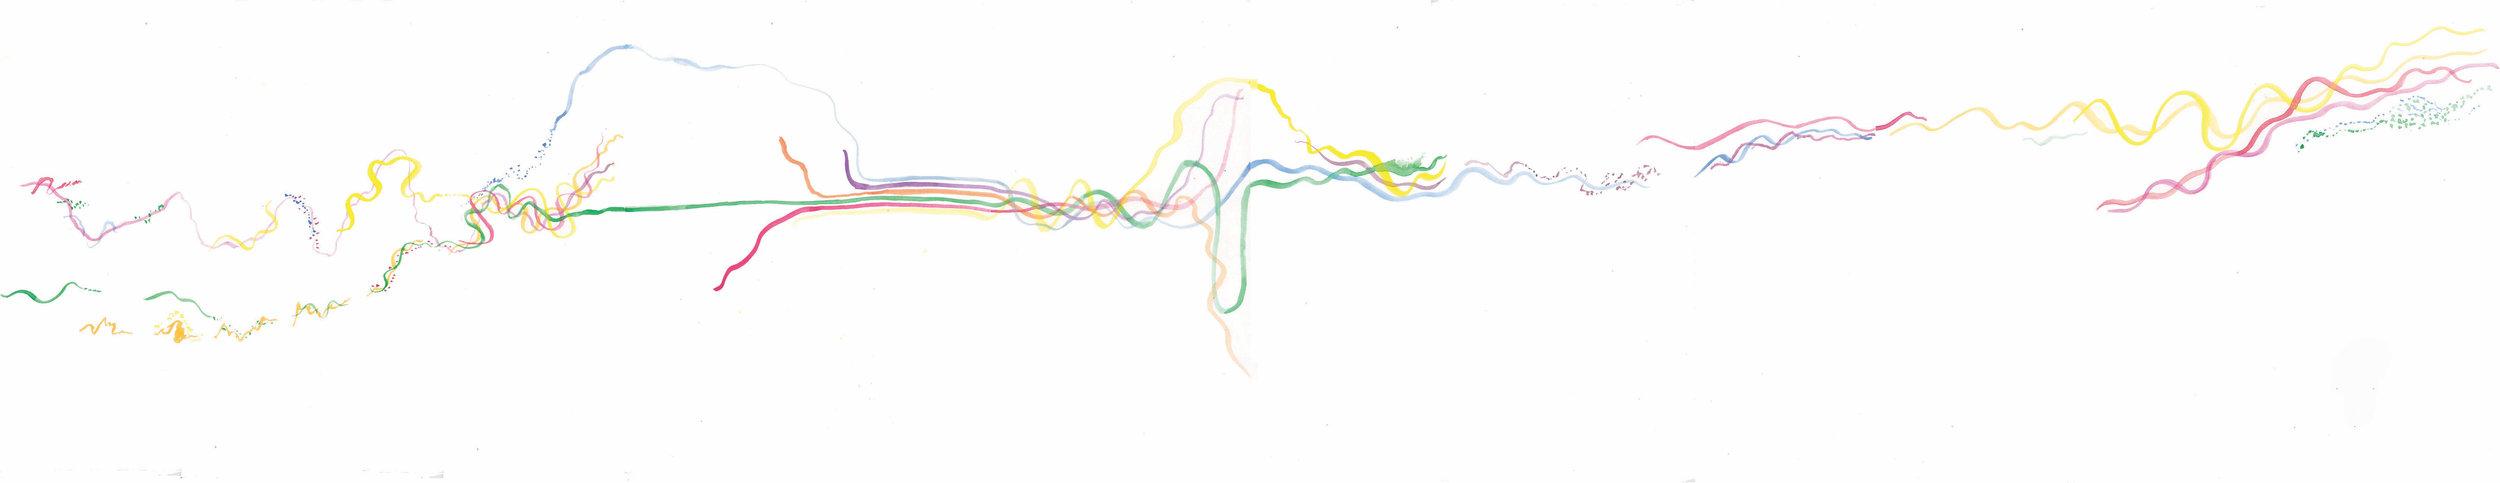 braided helsinki score.jpg